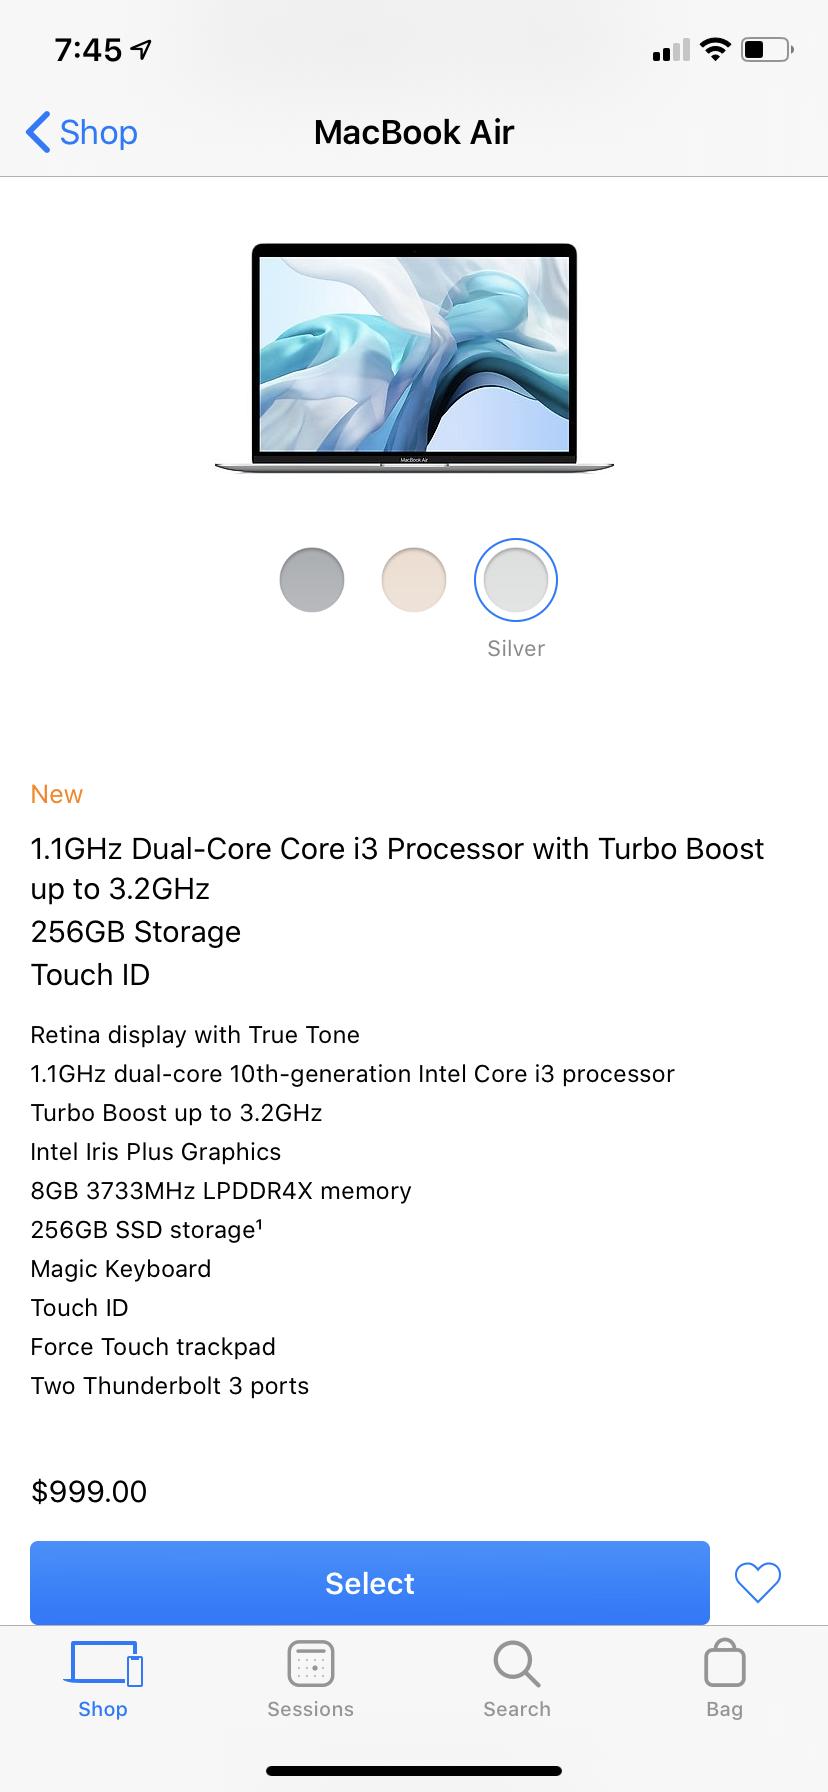 macbook air in 2020 Macbook air, Retina display, Ssd